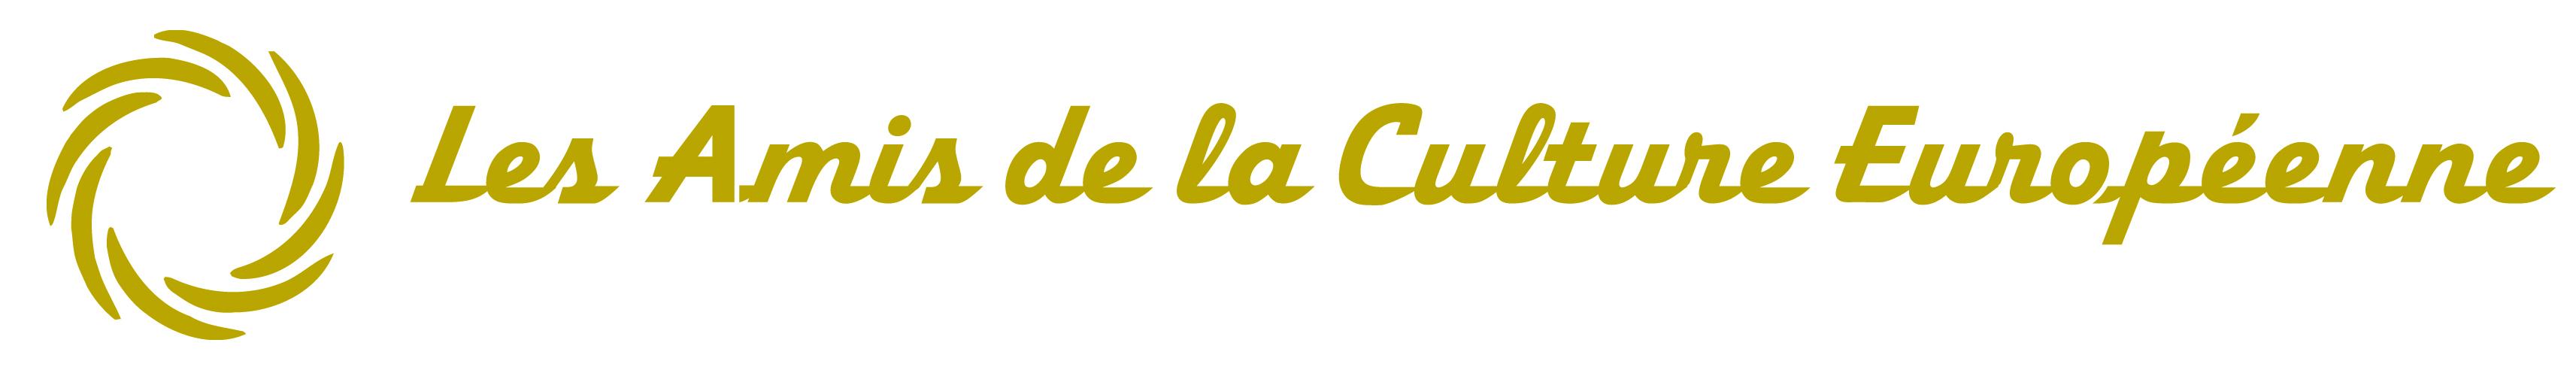 Les Amis de la Culture Européenne - Livres et éditions